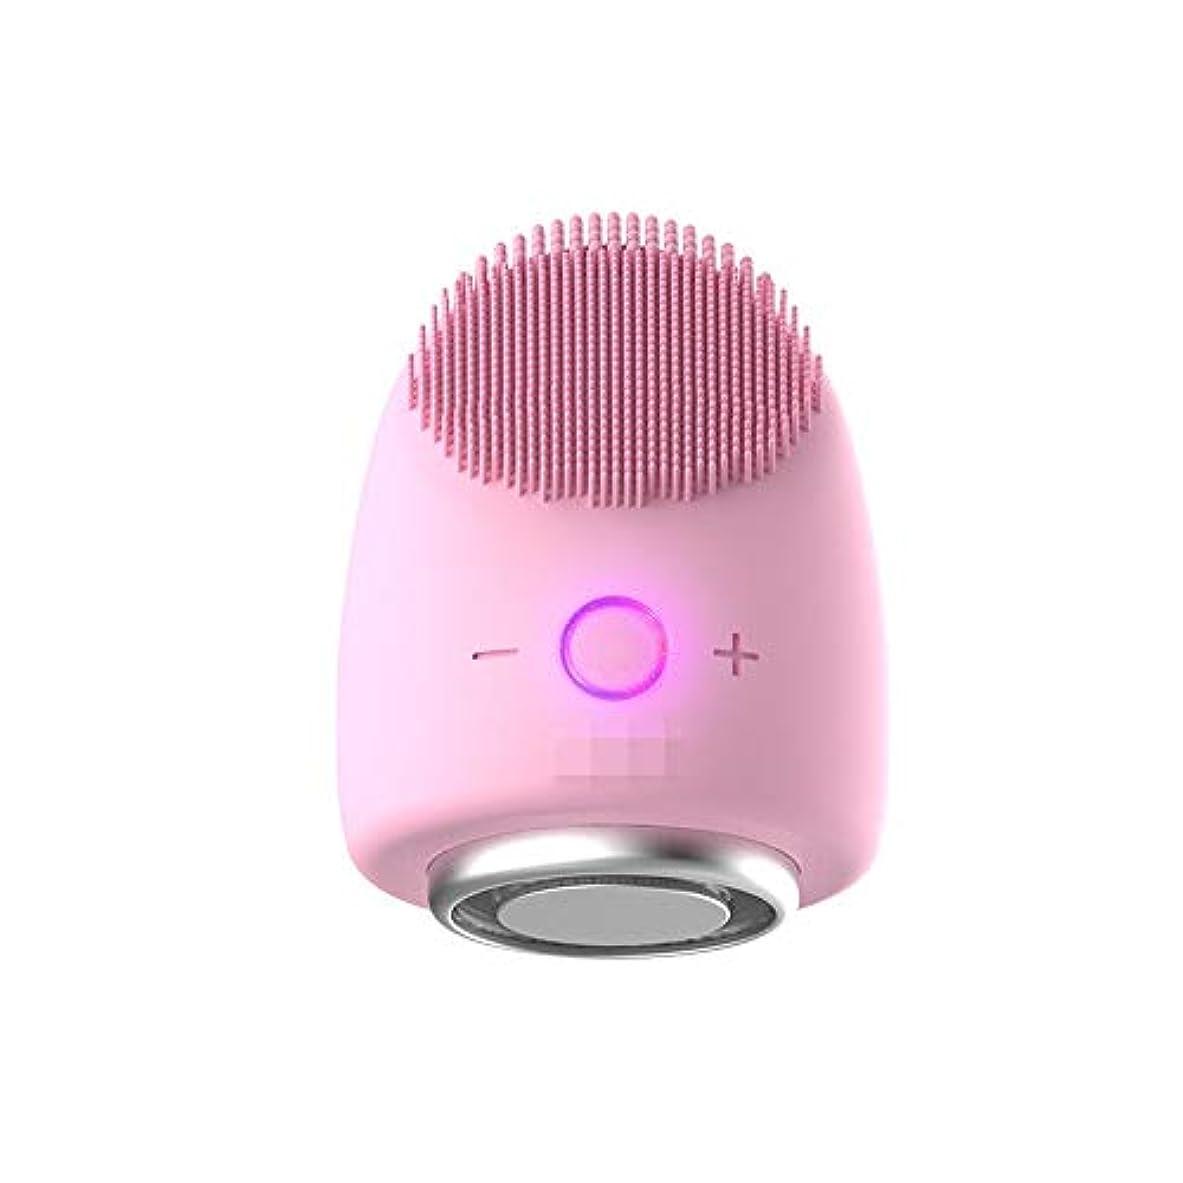 特派員レキシコンつぼみDonghechengkang 多機能美容器具洗浄器具導入器具凝縮ホットドレッシング肌活性化器具 (Color : ピンク)